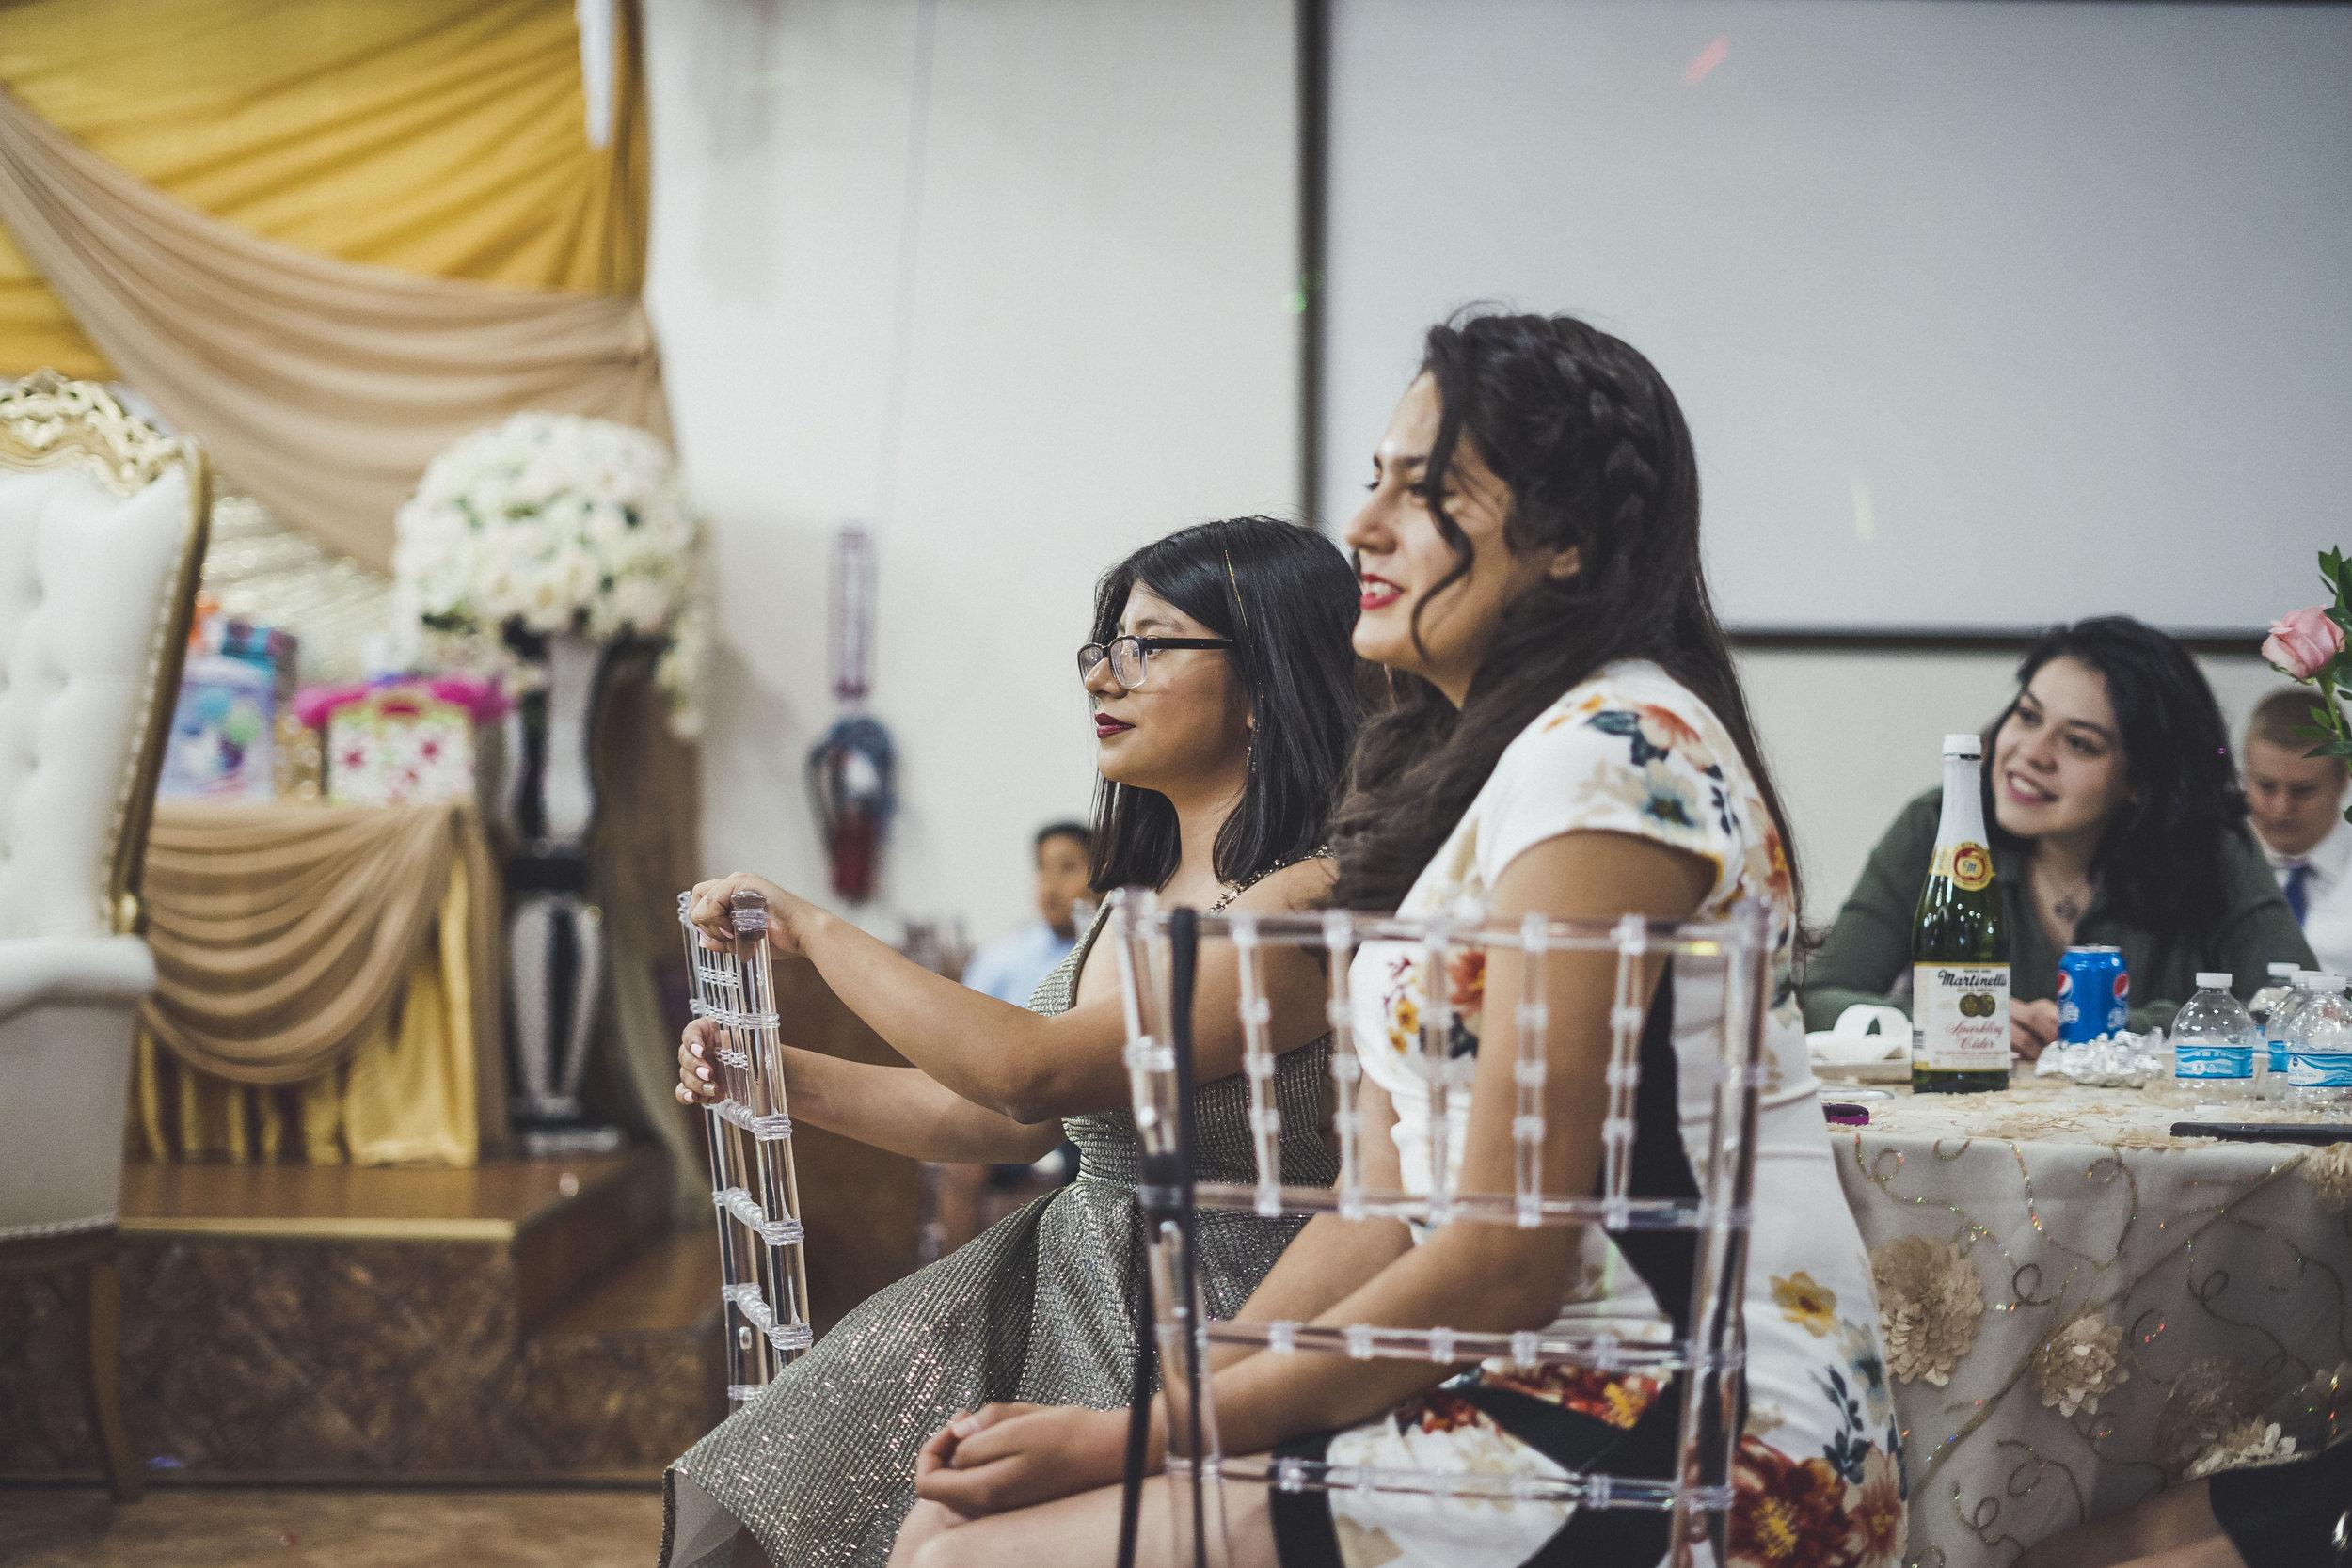 06-07-2019 Quinceañera - Ariana Garcia Maximilliano_6575.jpg